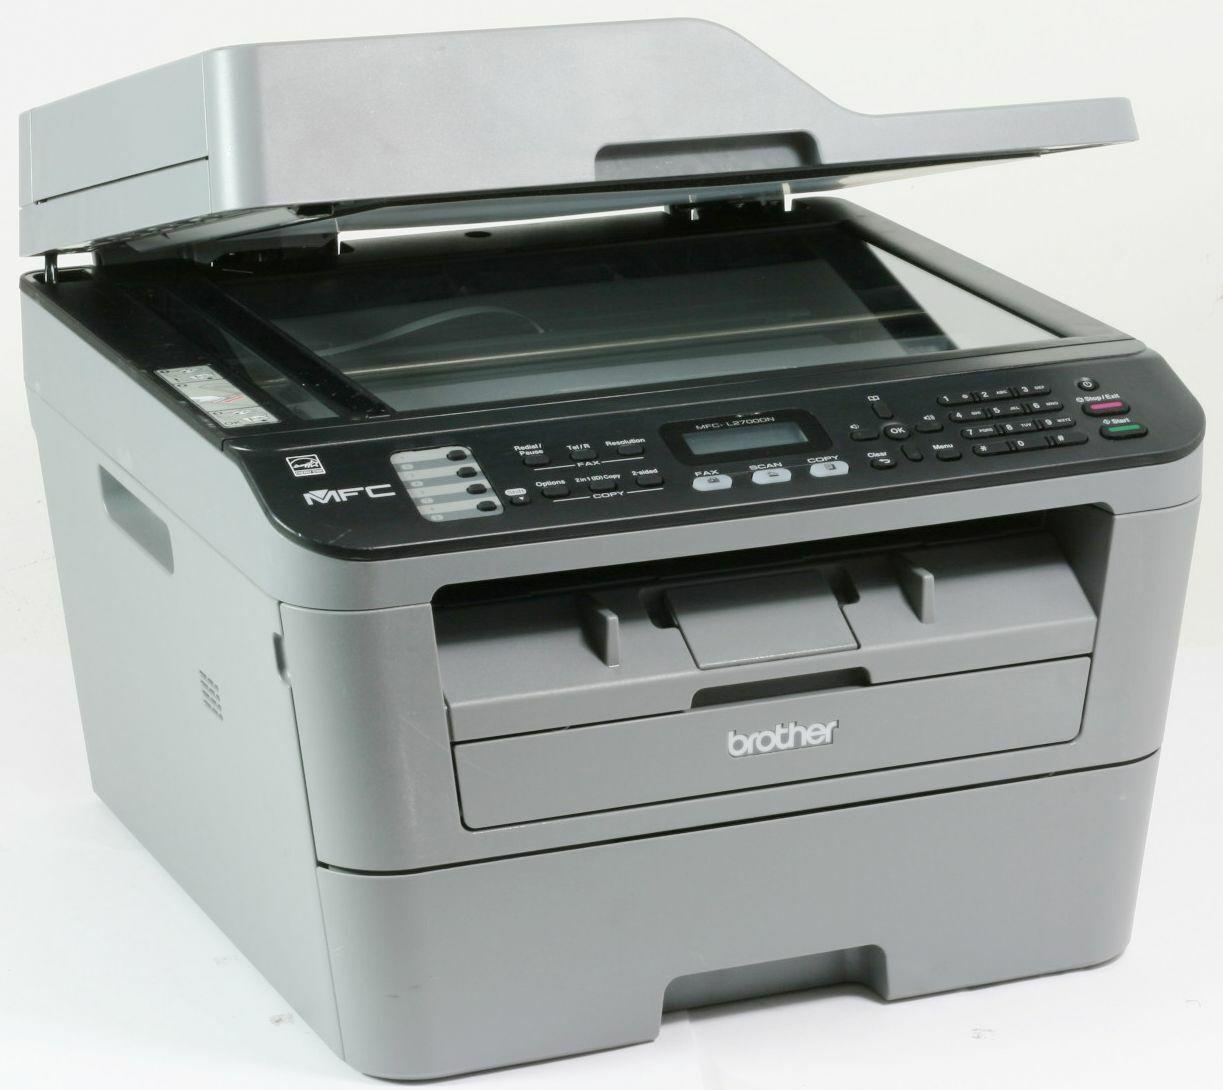 Brother imprimante mfc-2700dn imprimante laser scanner copieur fax utilisé